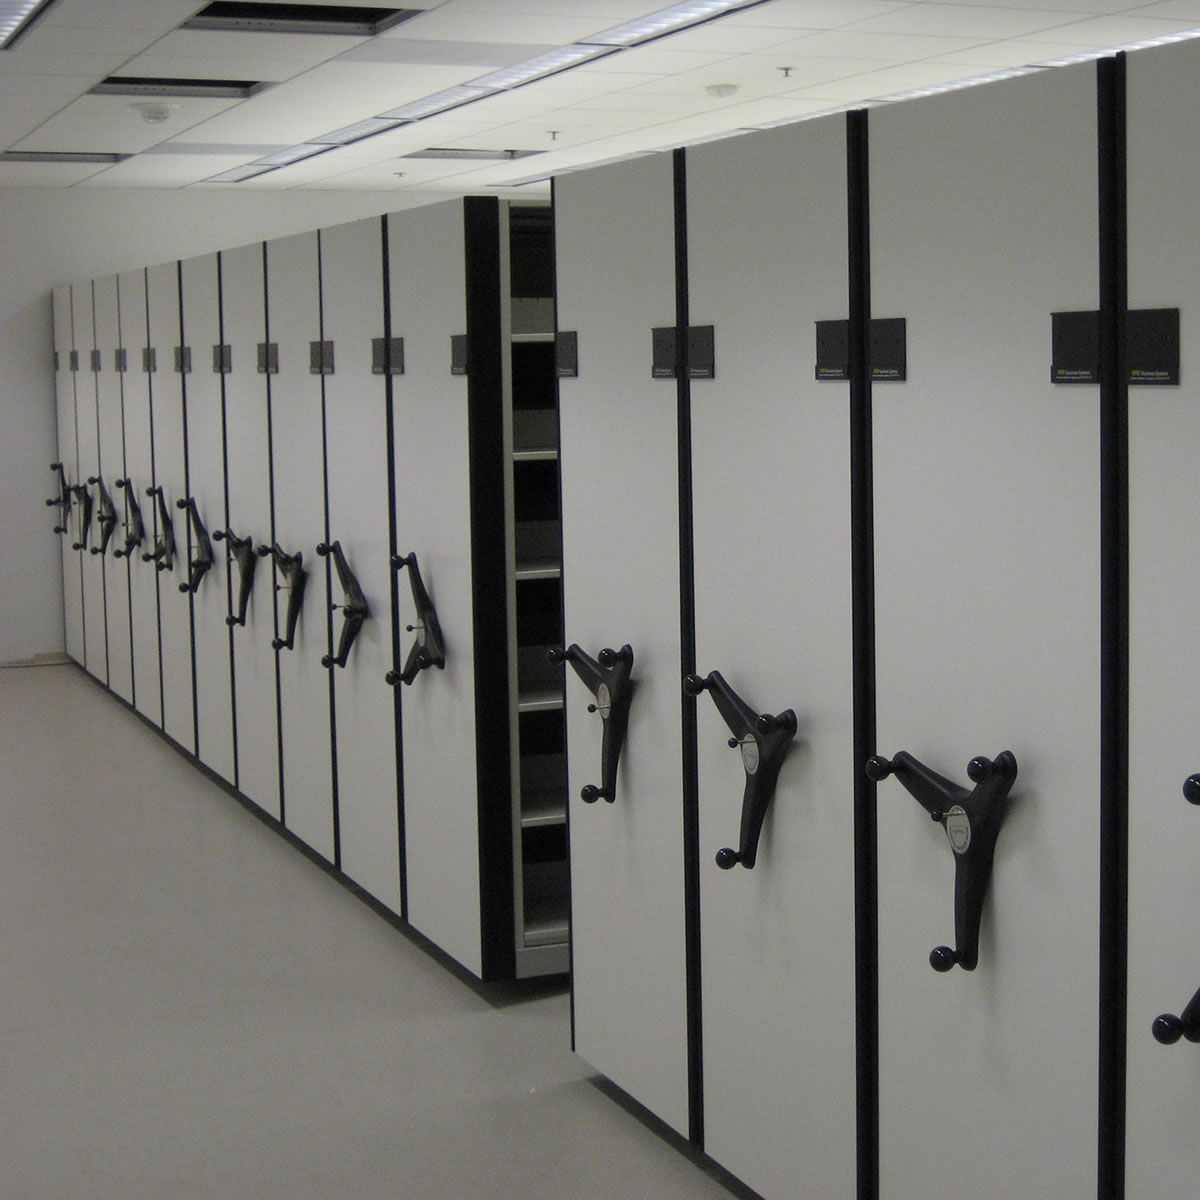 High Density Shelving Floor Loading | Mobile Shelving Floor Loading